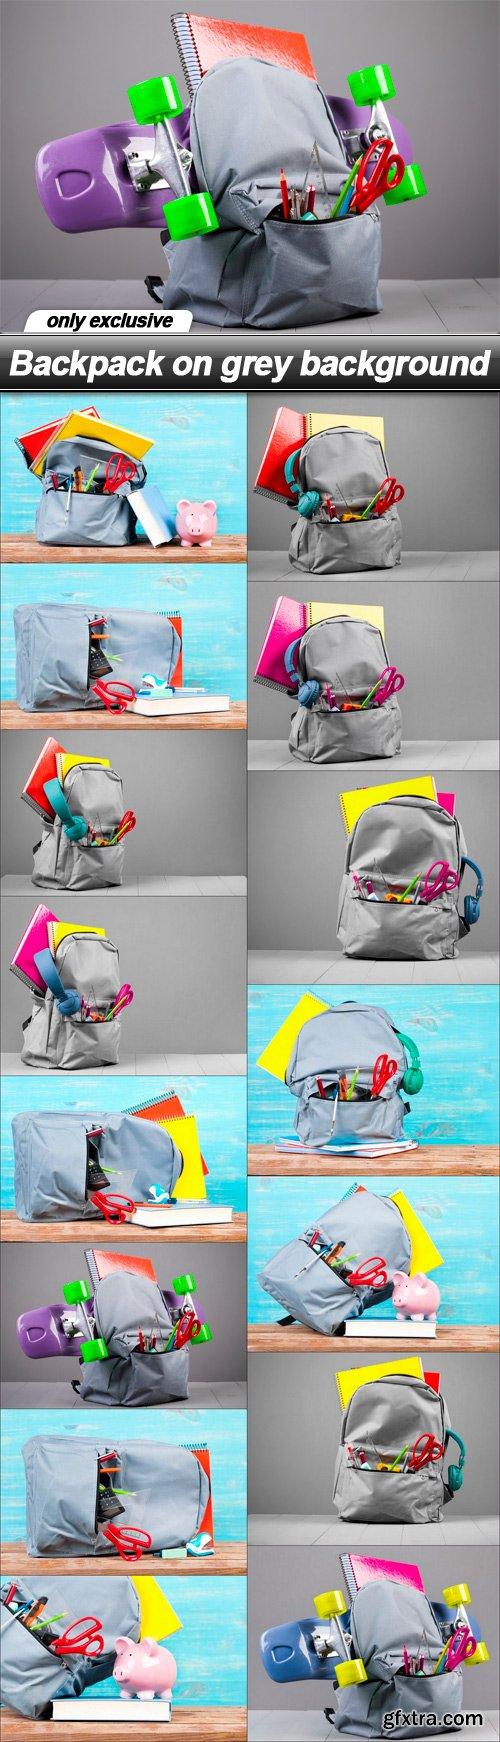 Backpack on grey background - 15 UHQ JPEG